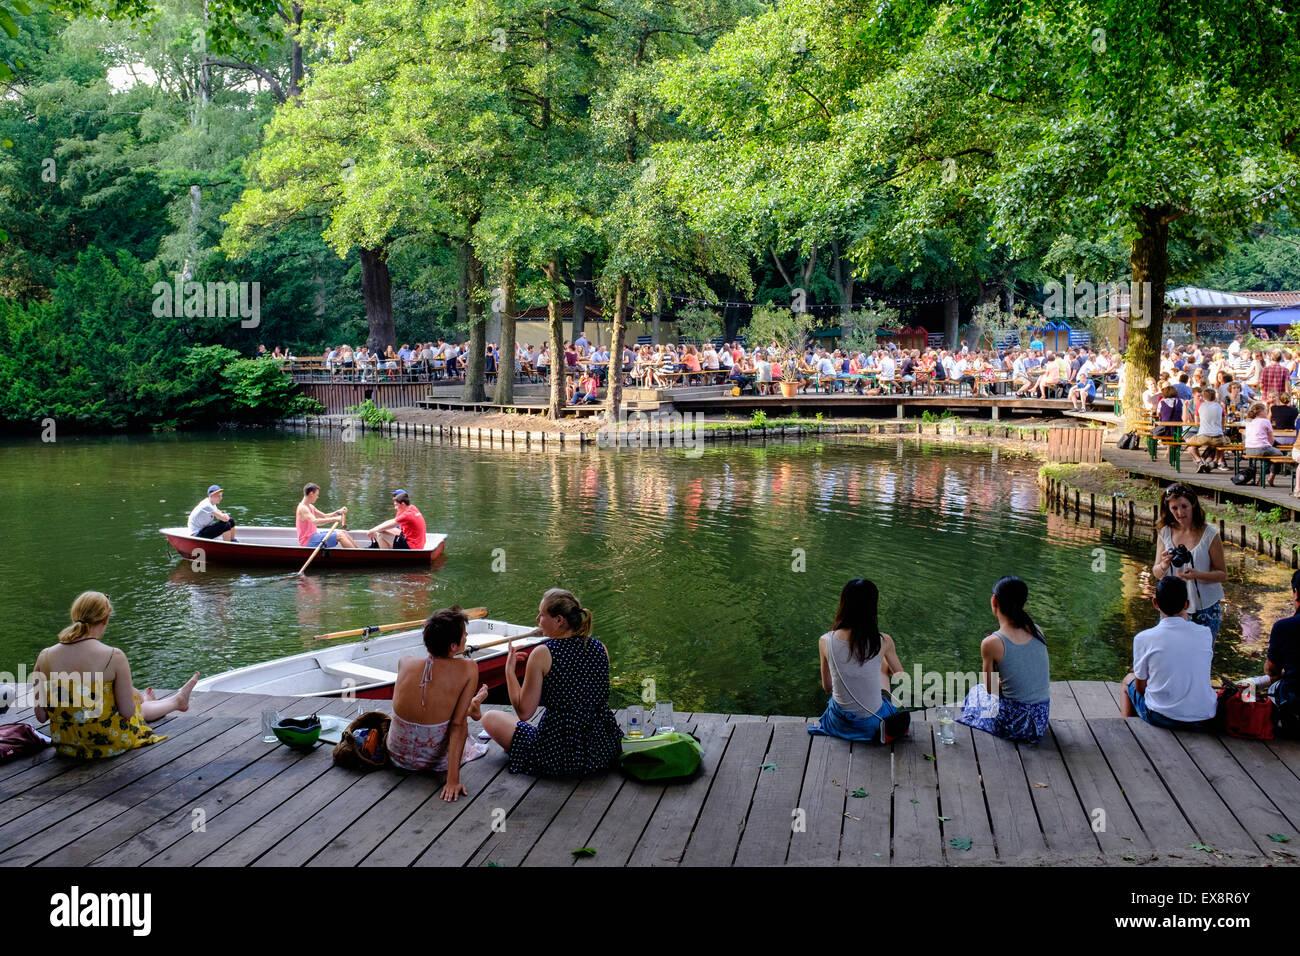 Busy beer garden in summer at Cafe am Neuen See in Tiergarten park in Berlin Germany - Stock Image